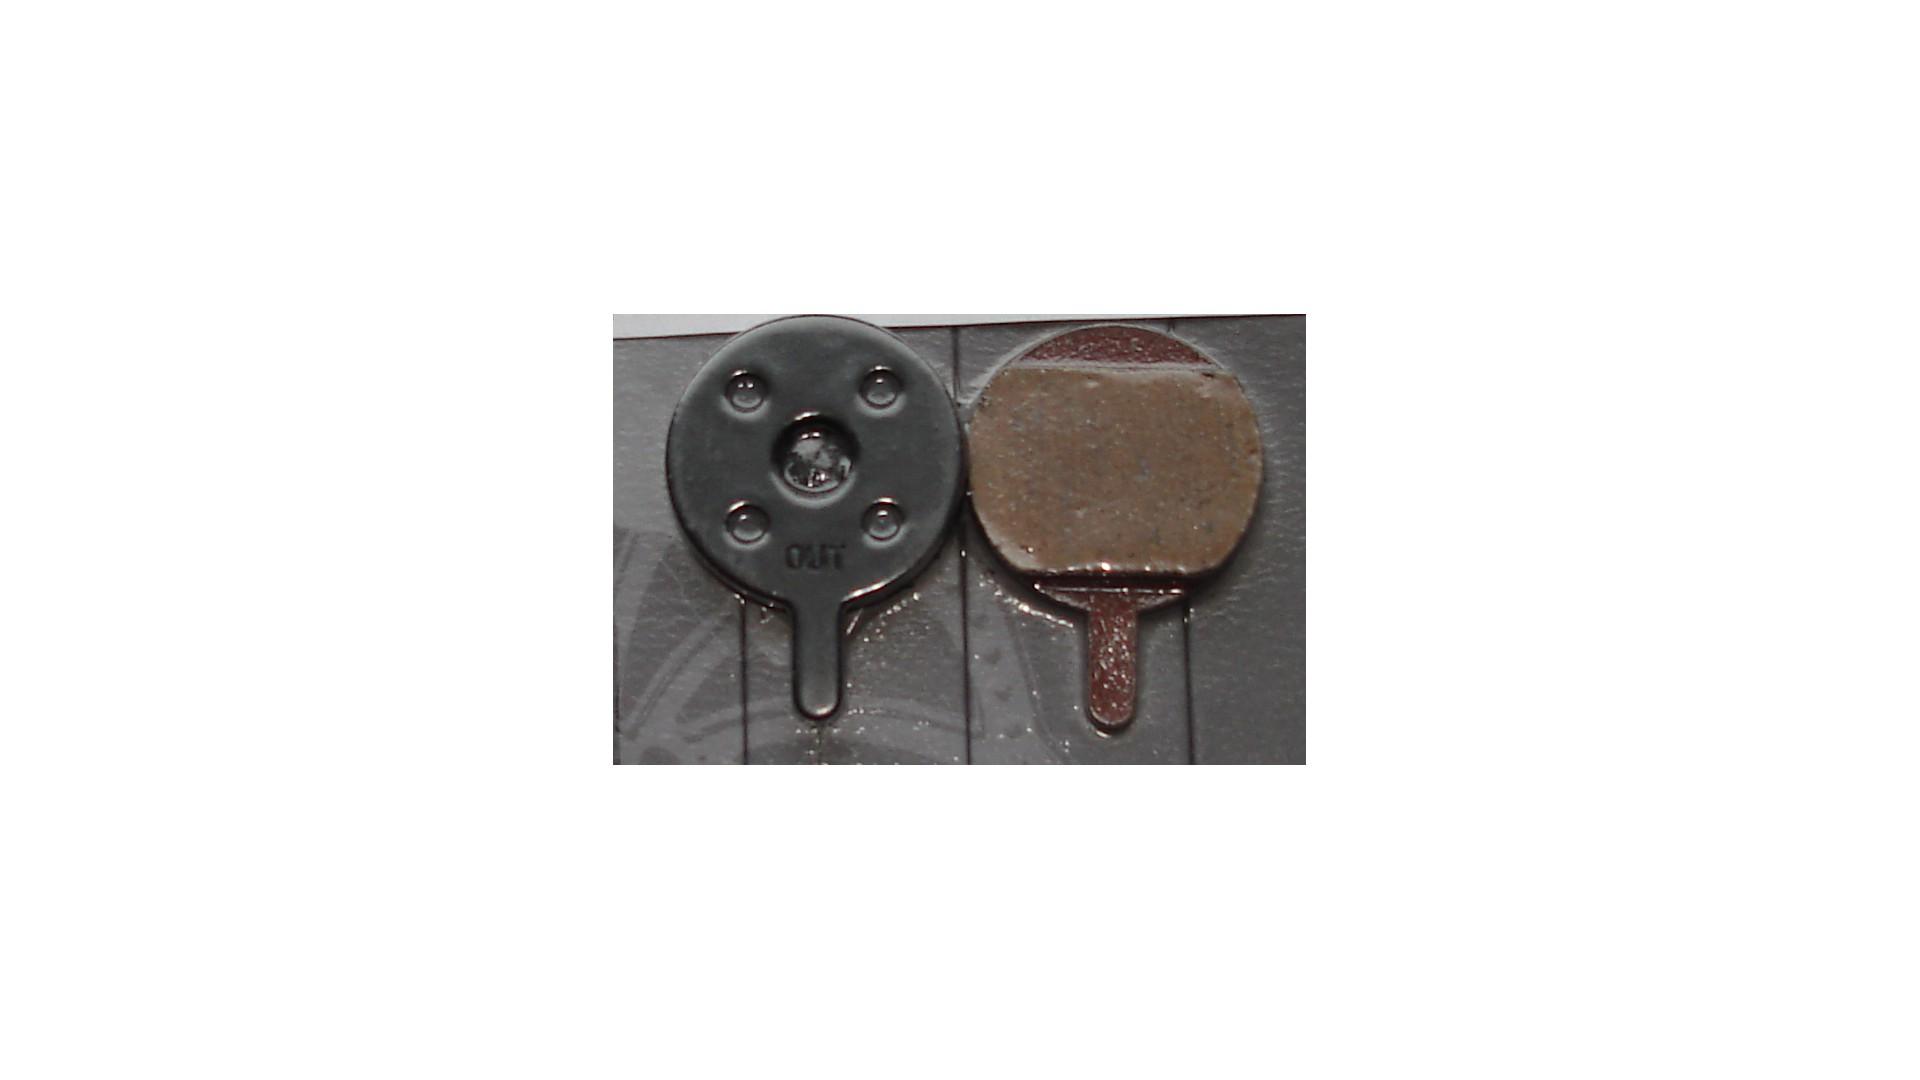 Тормозные колодки Baradine DS-30  Promax Mechanical для дискового тормоза